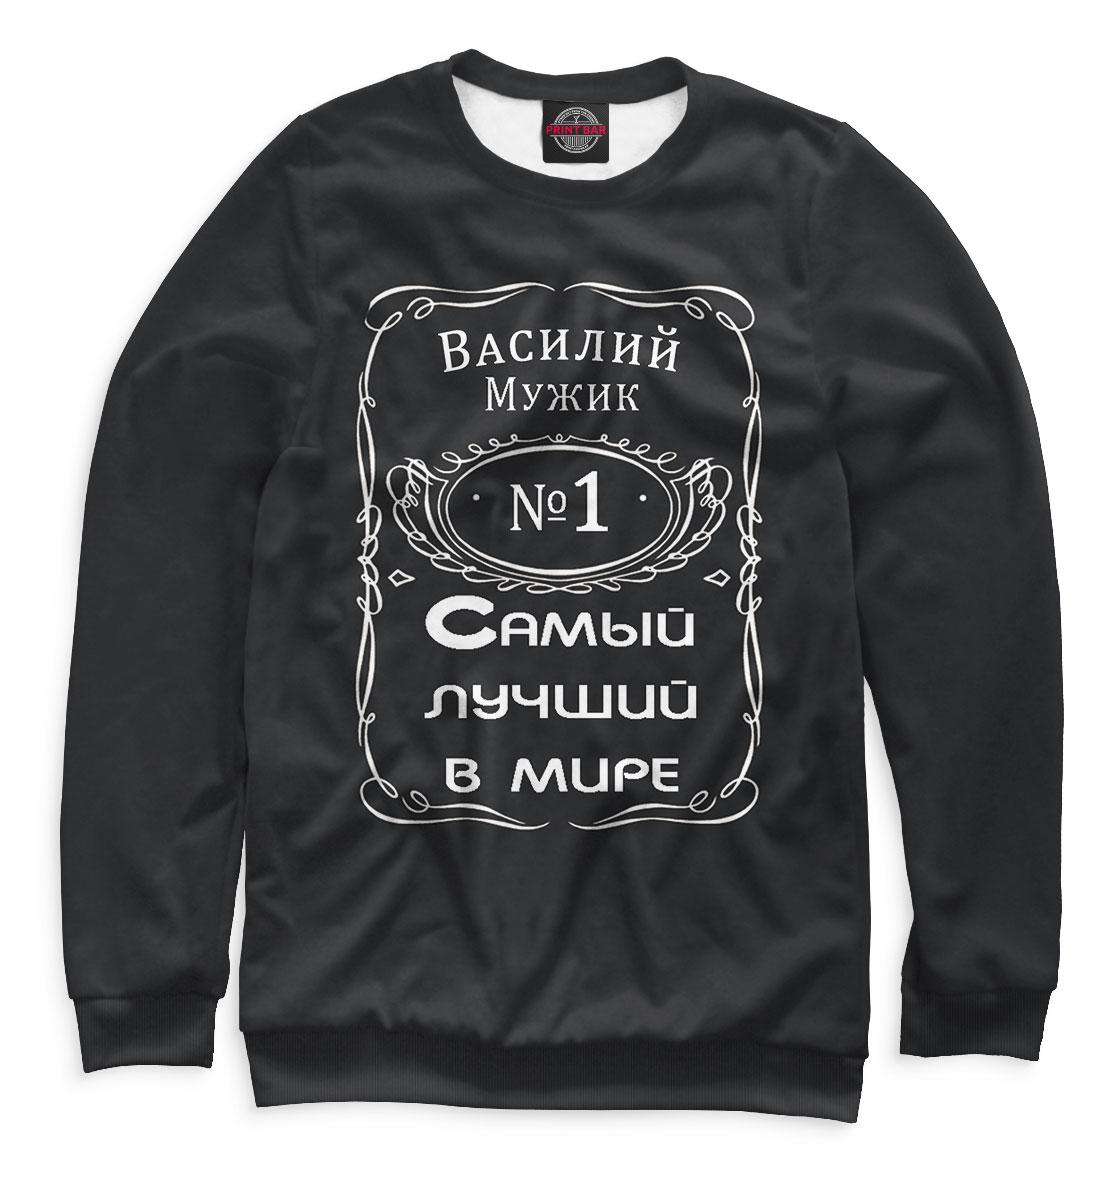 Купить Василий — самый лучший в мире, Printbar, Свитшоты, IMR-516419-swi